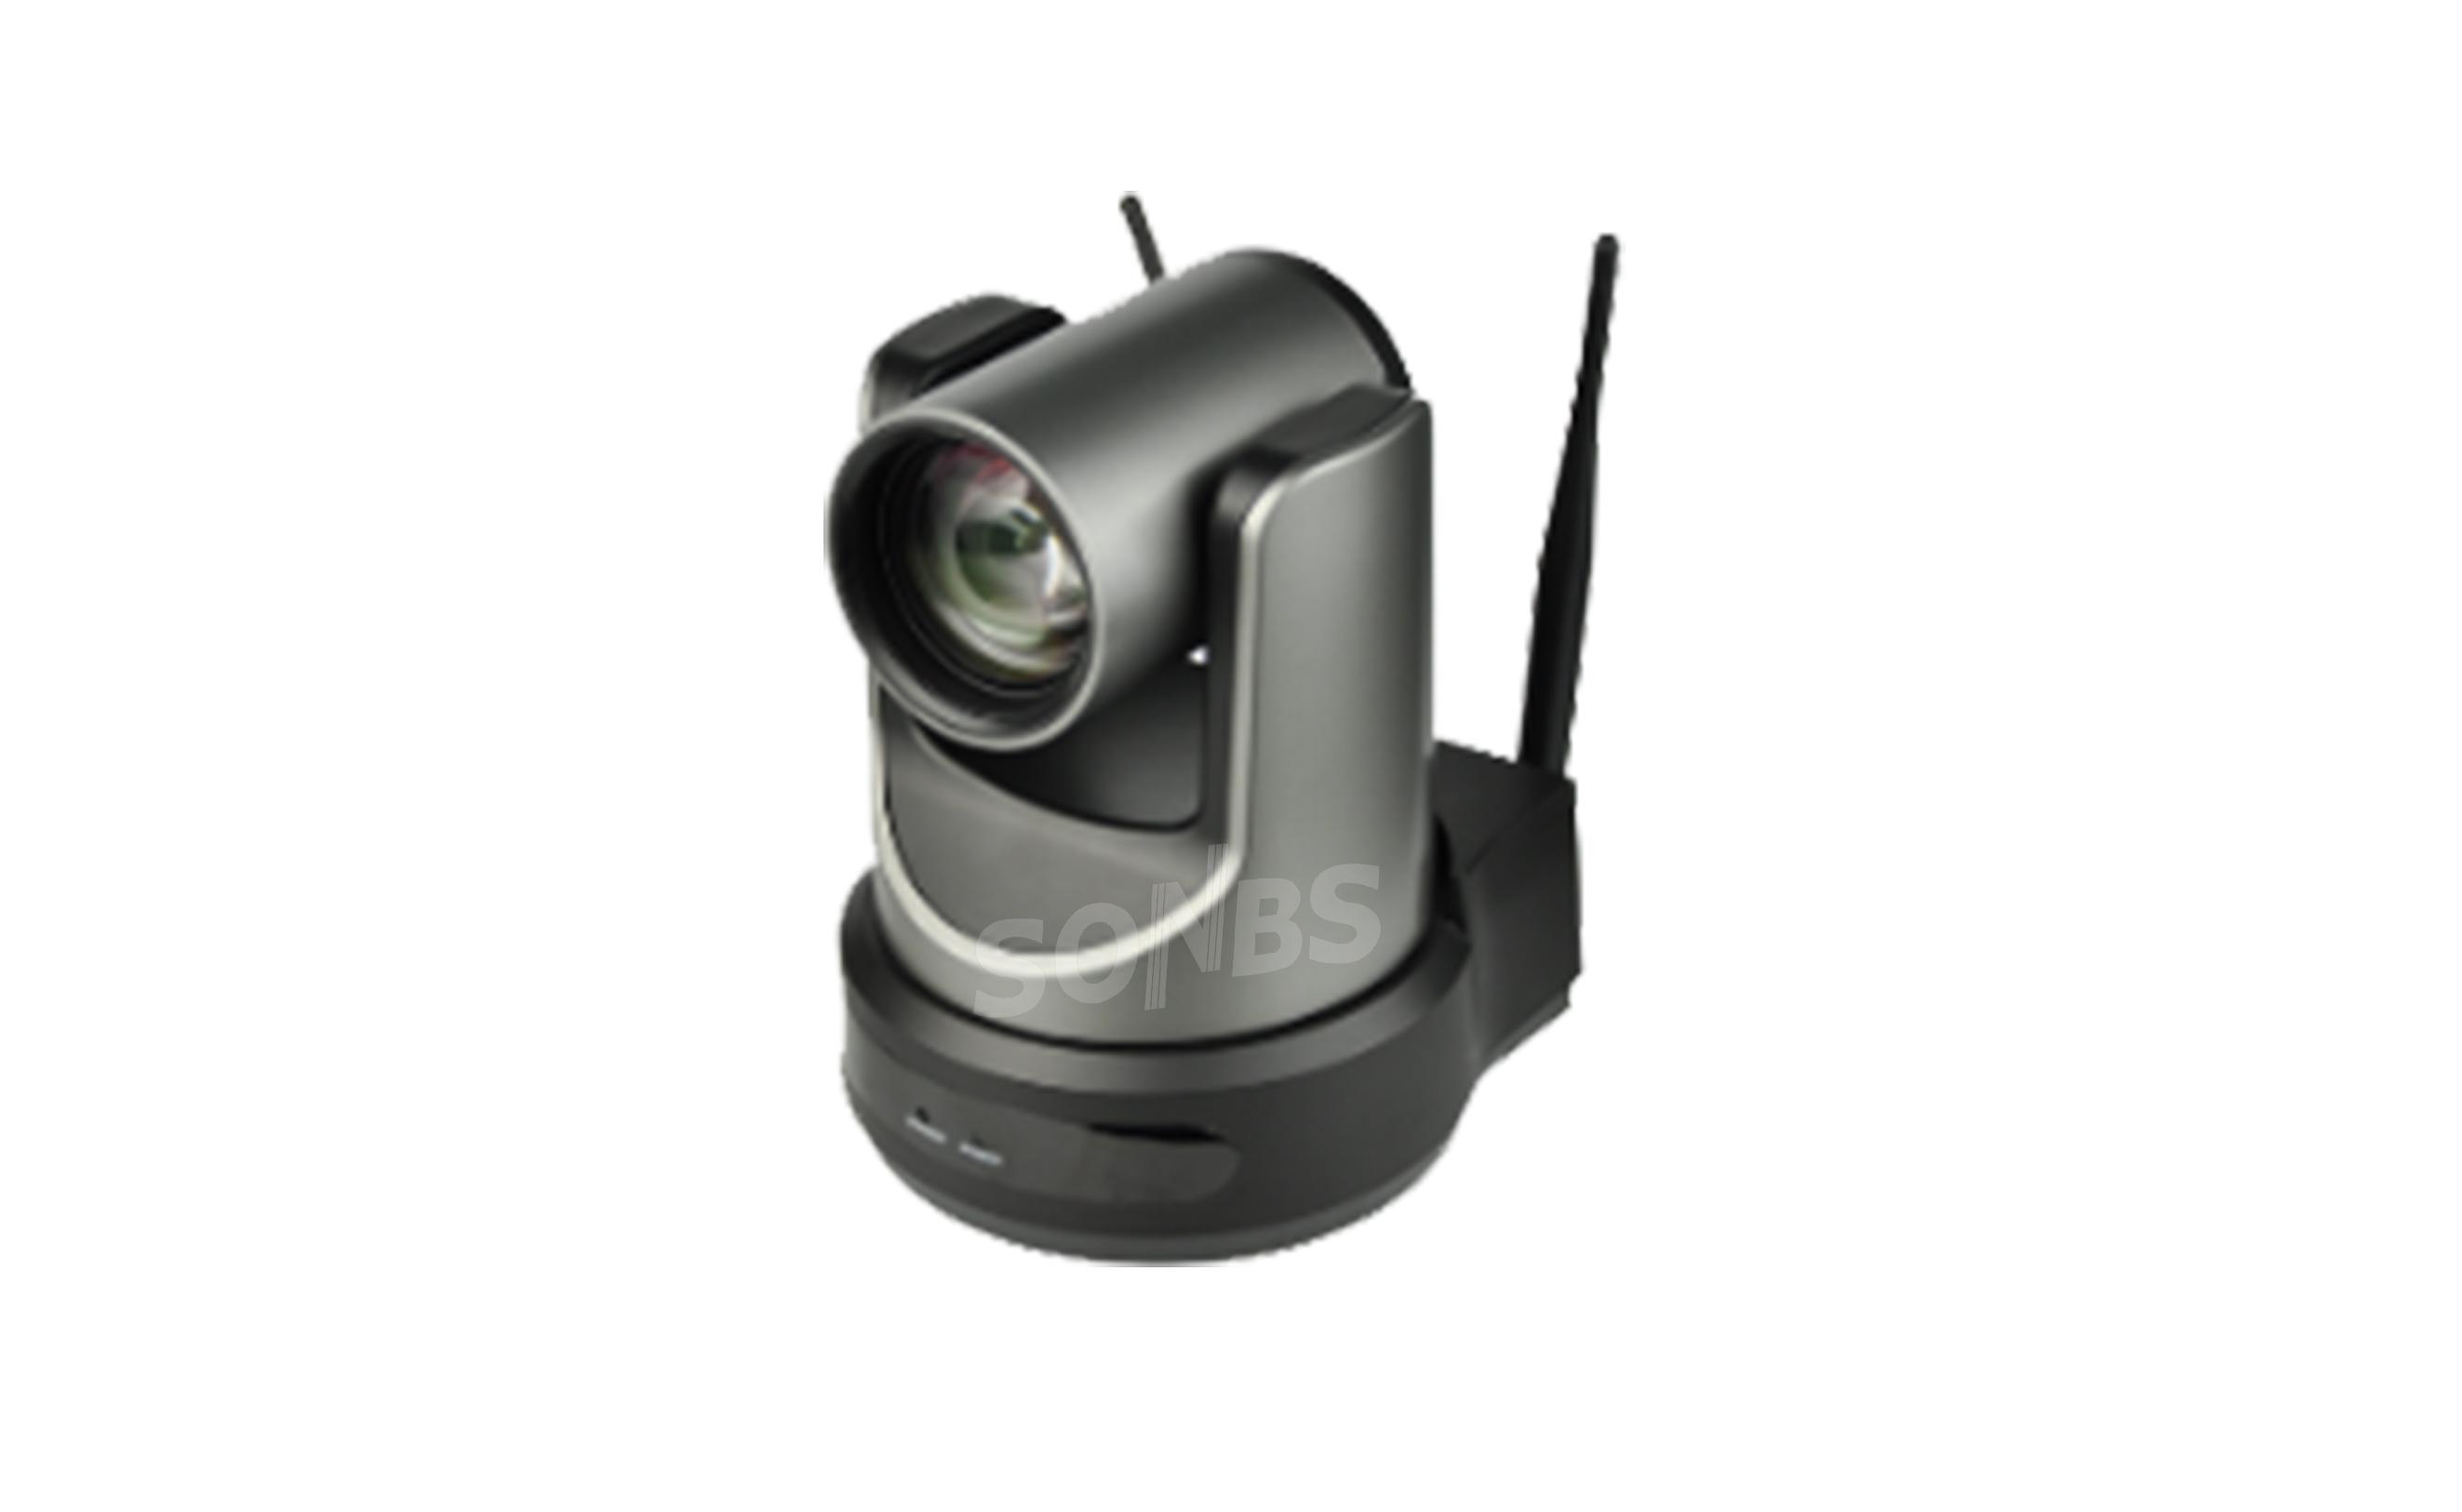 无线高清云台摄像机(含电池、支架、充电器)